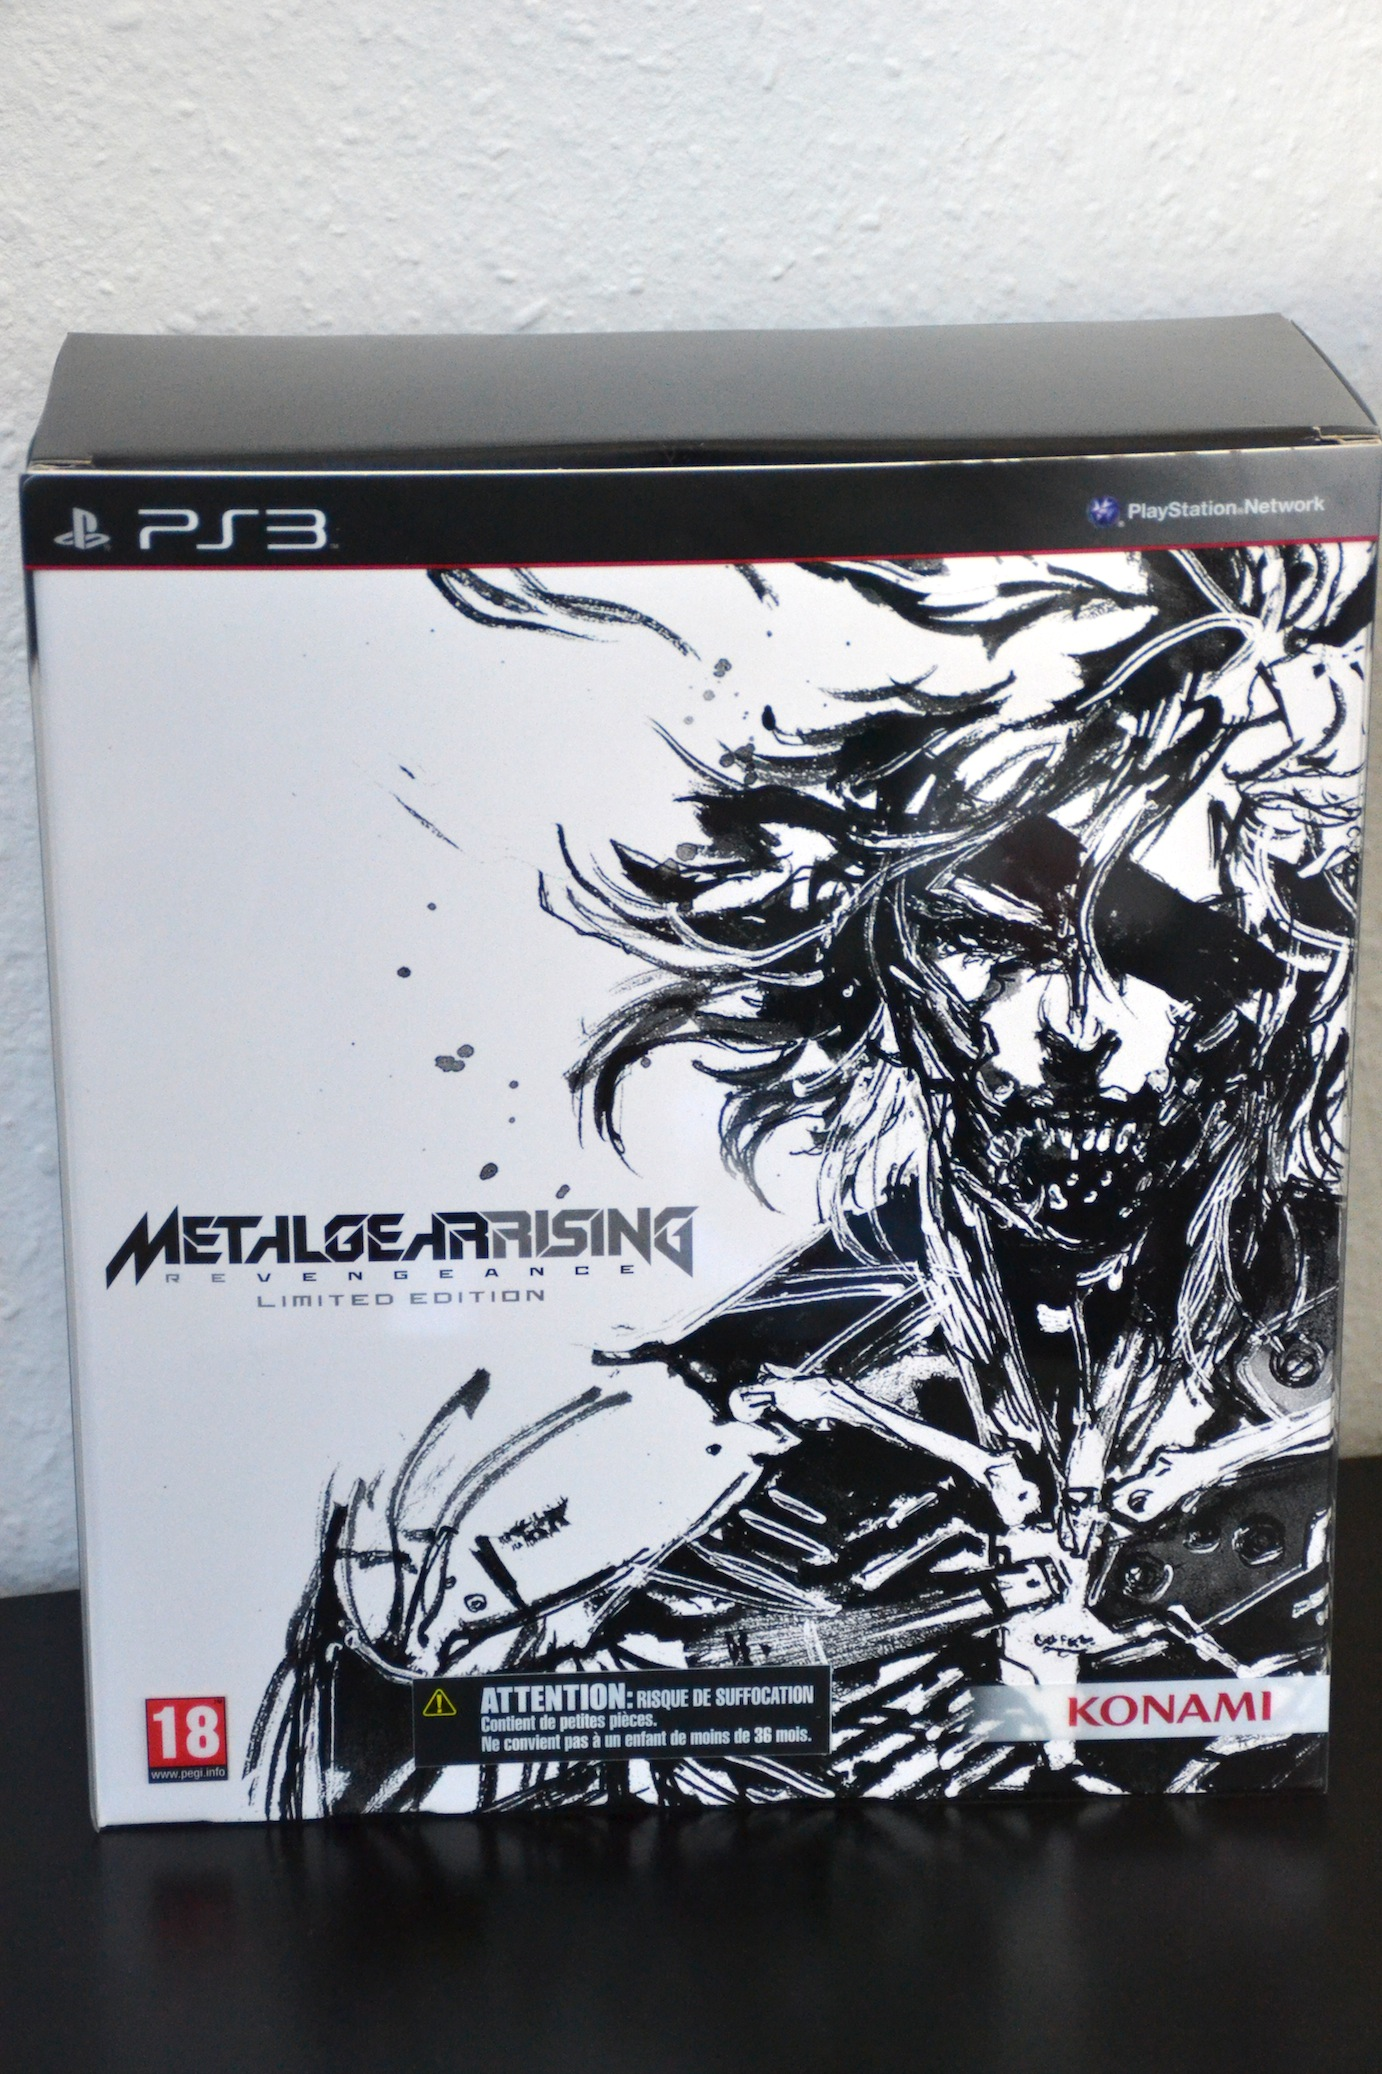 Surprise du jour : Metal gear rising revengeance collector